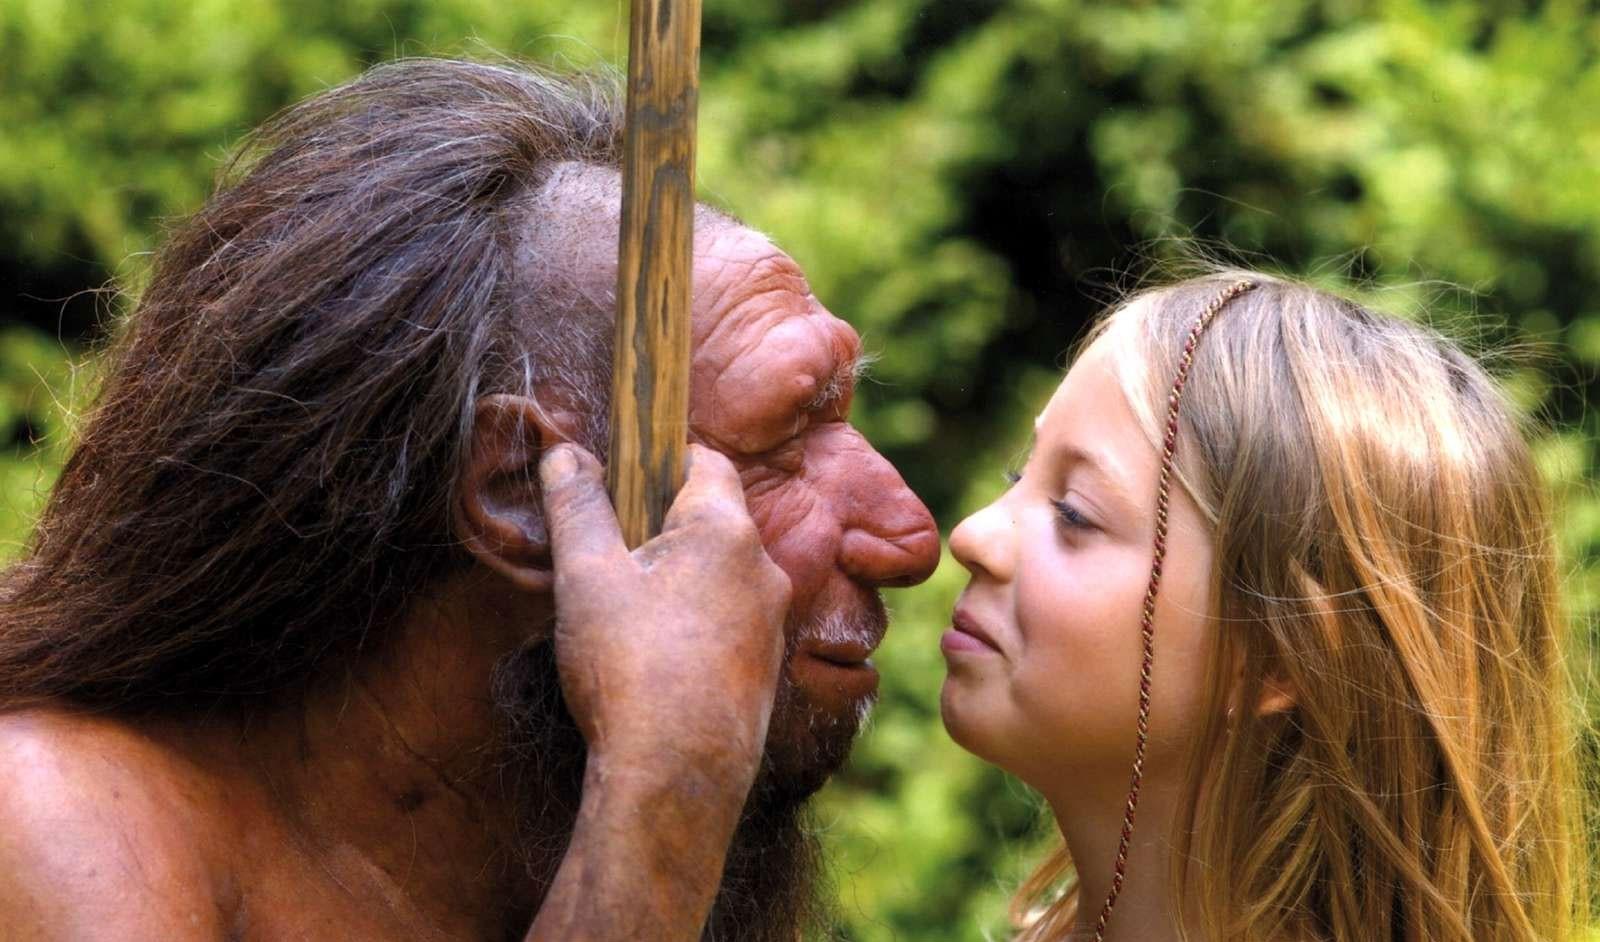 Французские ученые: Неандертальцы передали европейцам предрасположенность калкоголизму